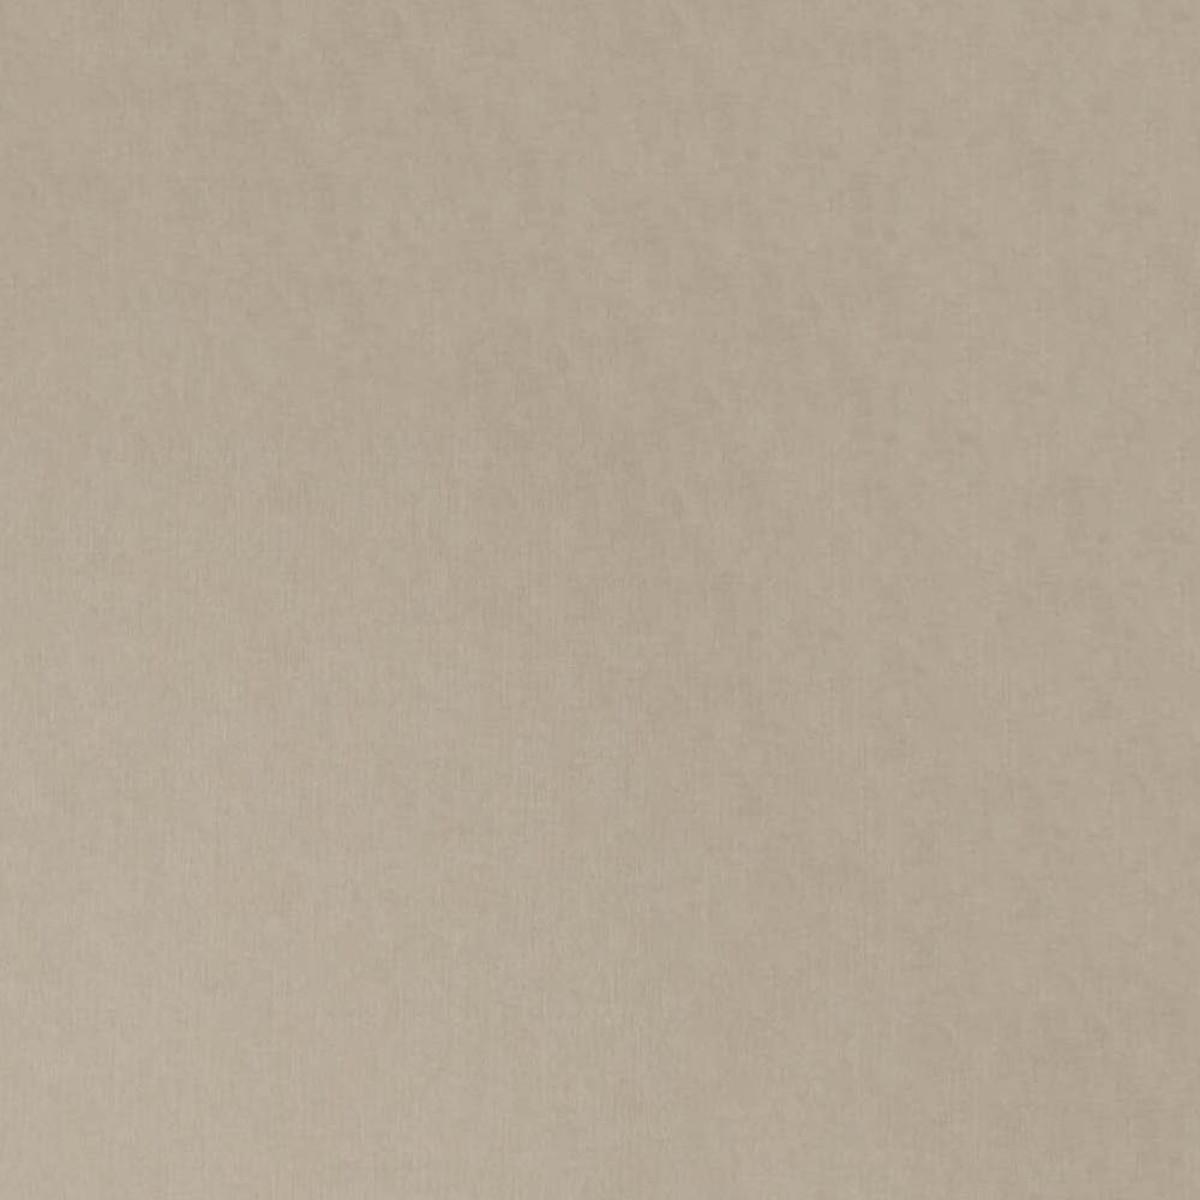 Обои флизелиновые Мир Авангард коричневые 1.06 м 45А-281-04(1сорт)